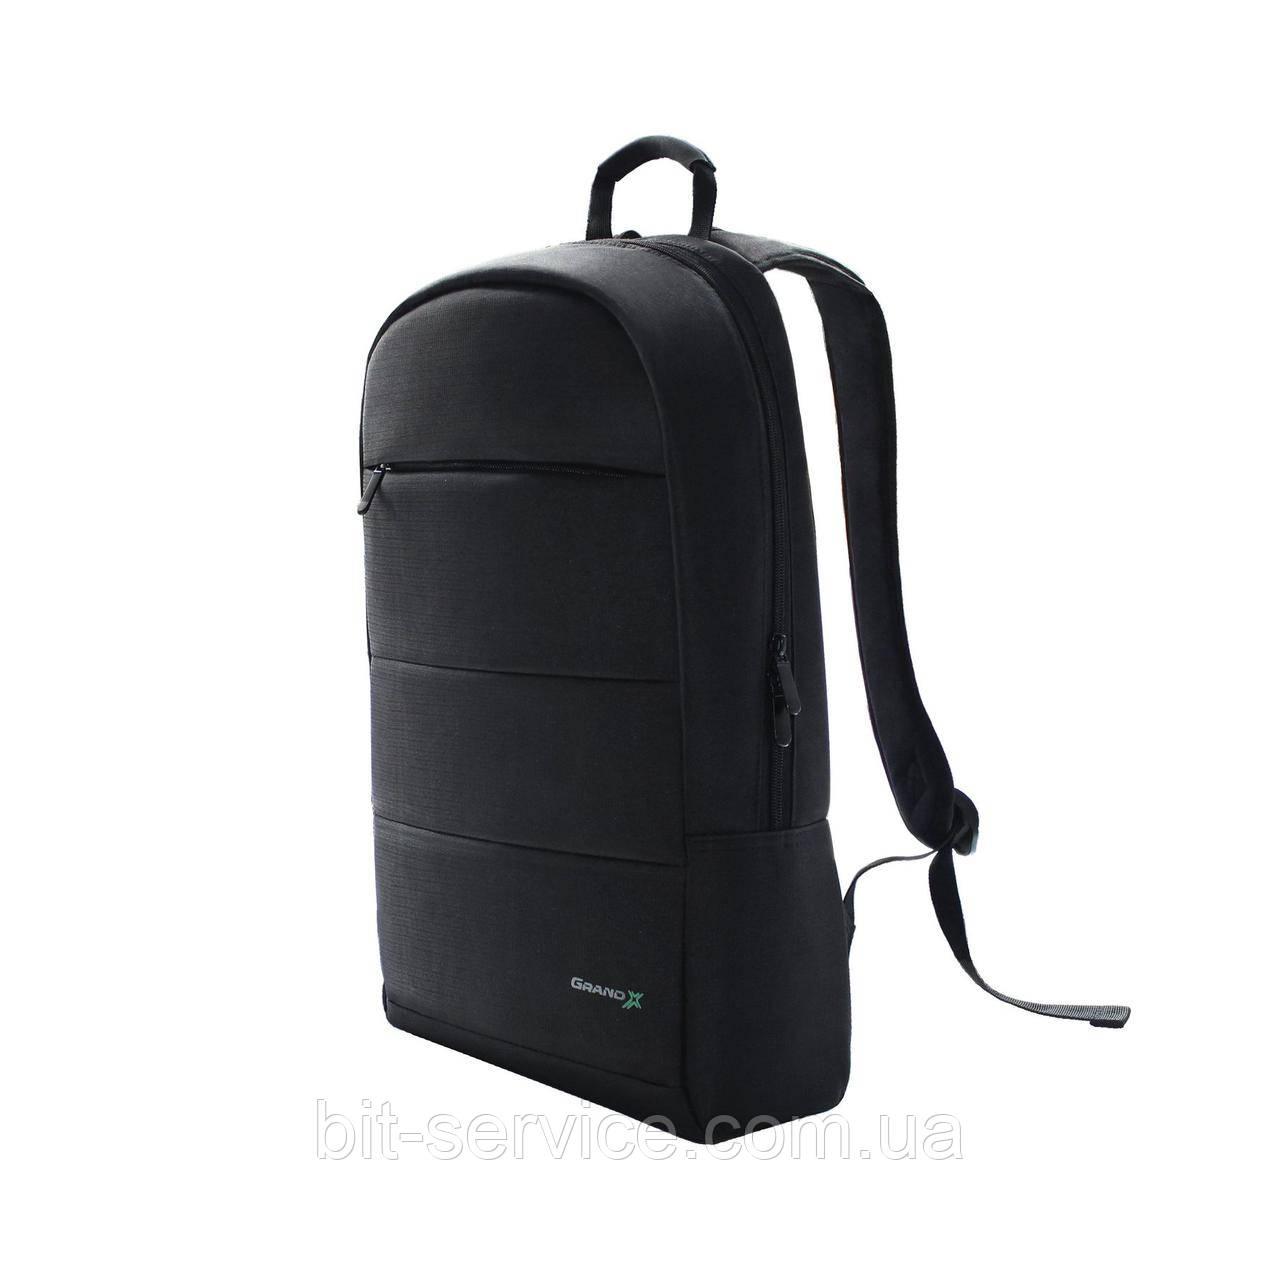 Рюкзак для ноутбука Grand-X RS-365 15,6'